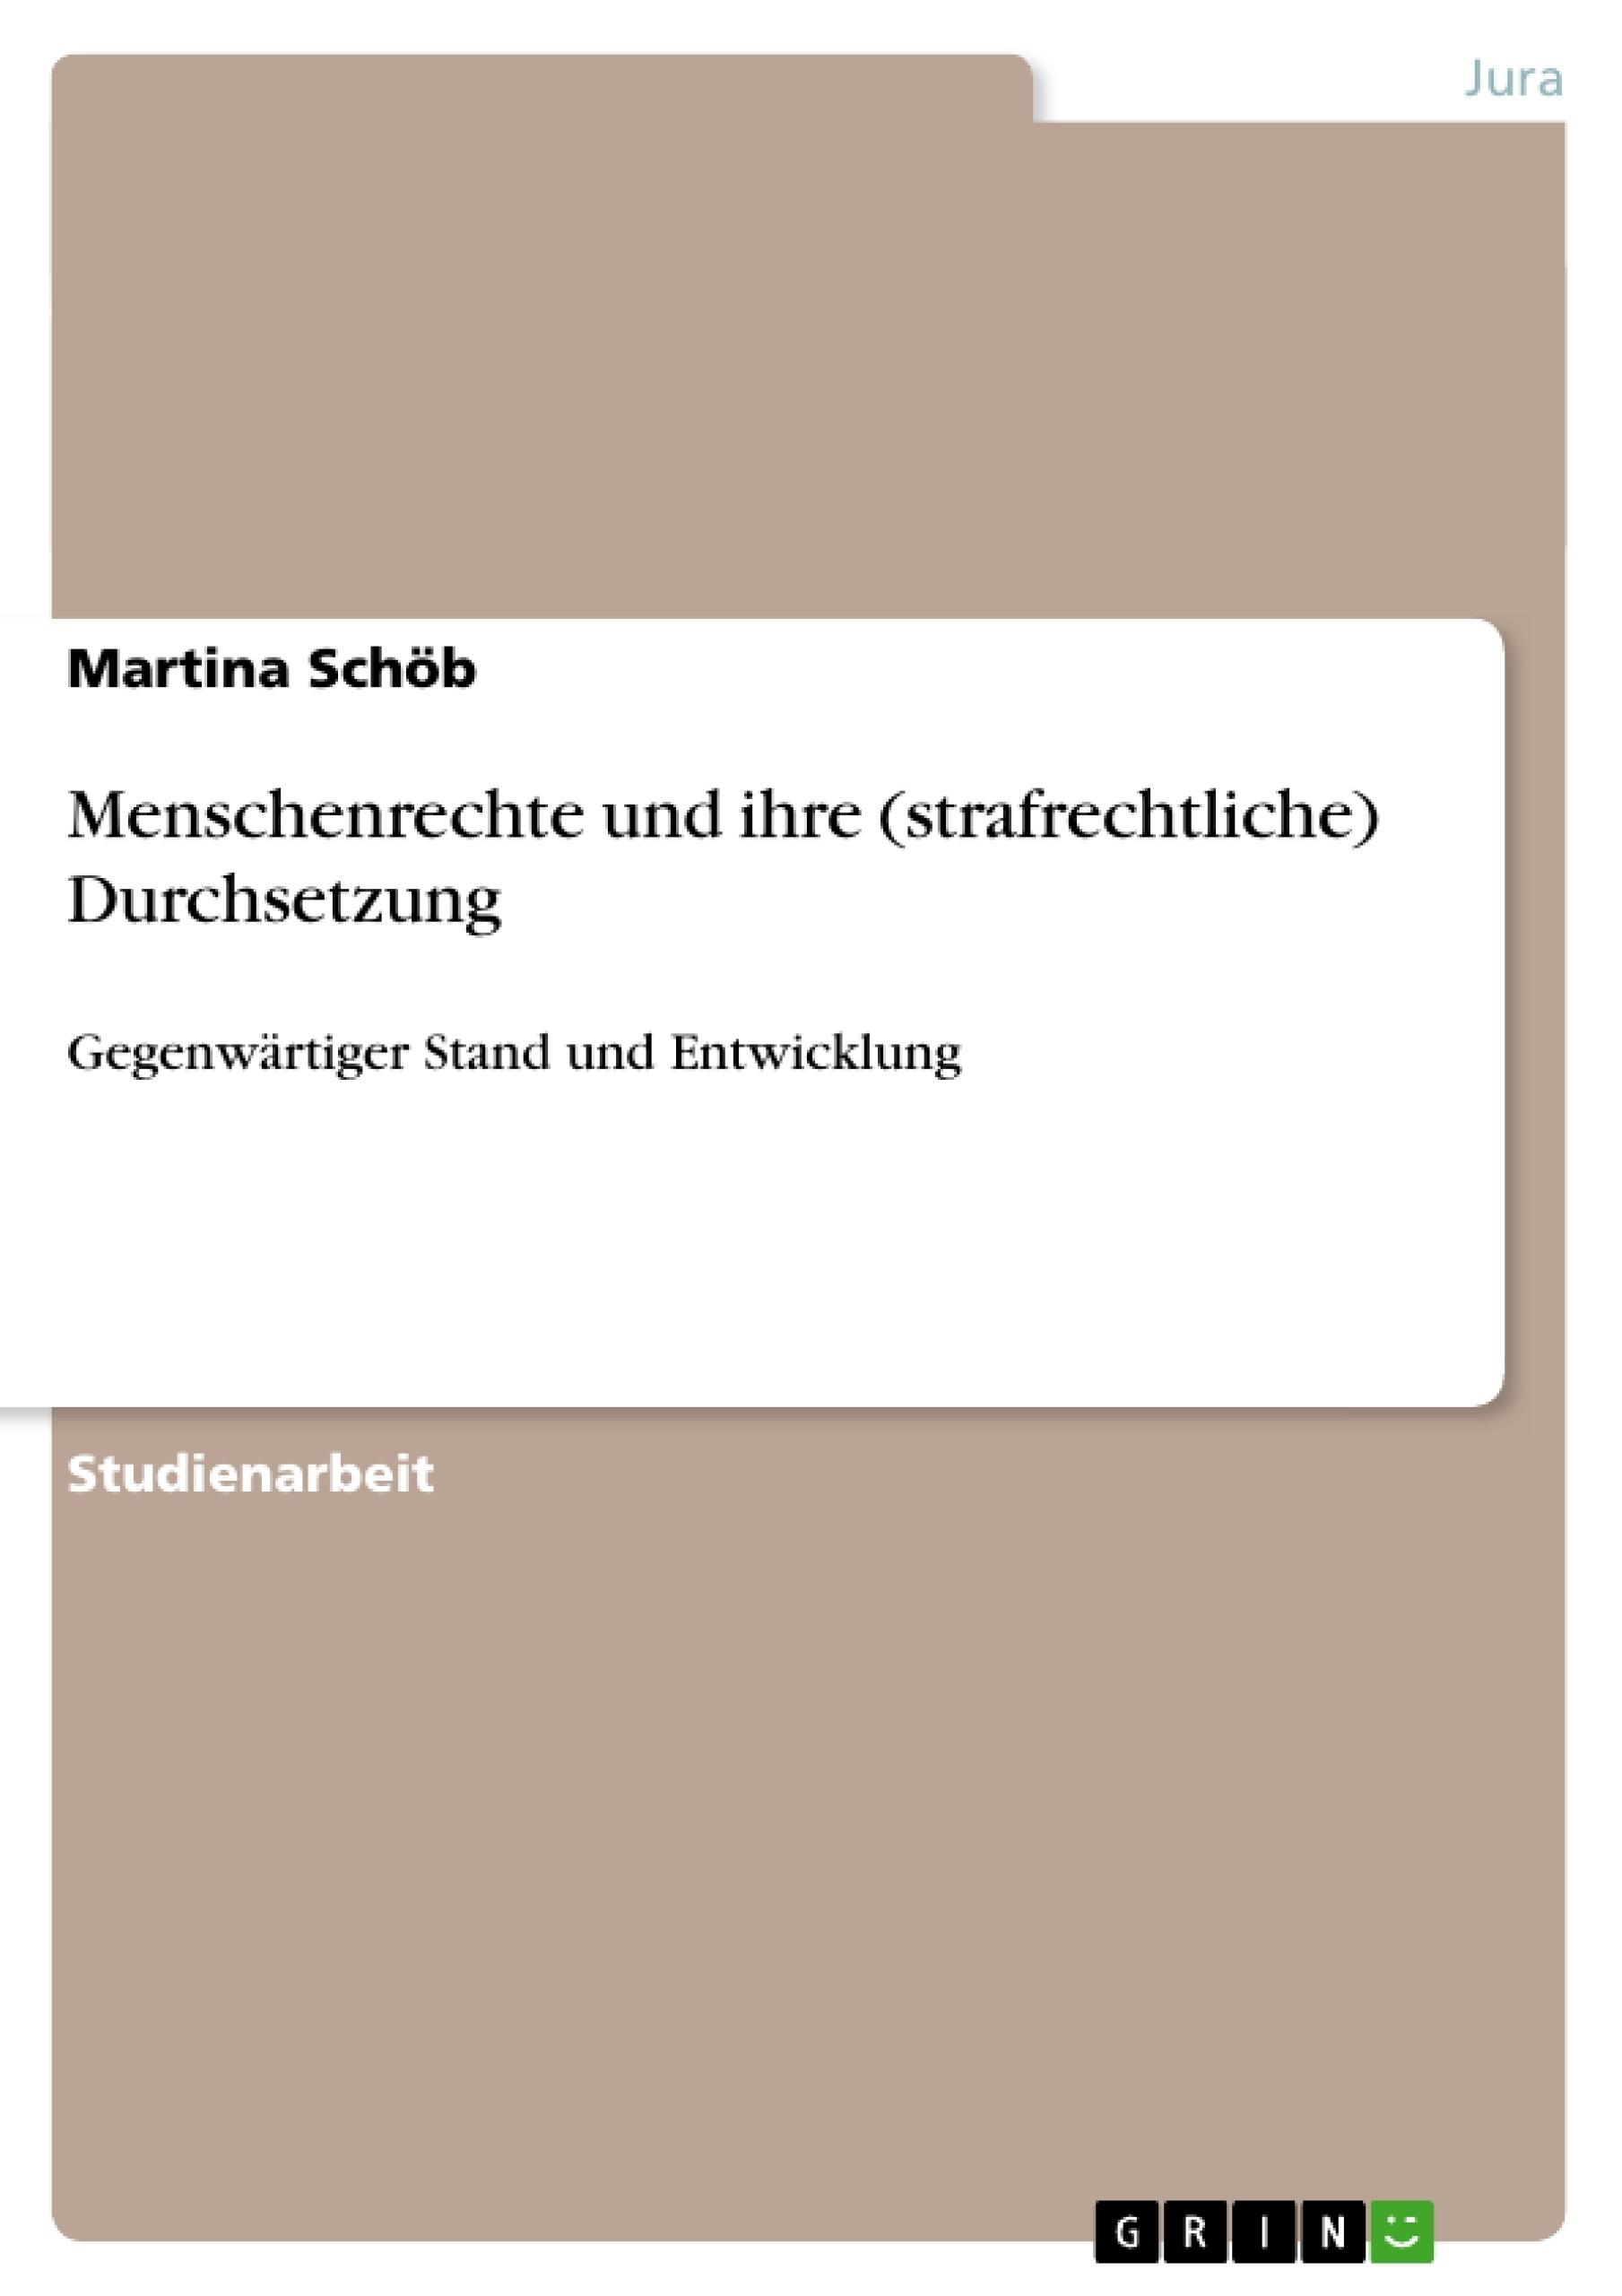 Titel: Menschenrechte und ihre (strafrechtliche) Durchsetzung